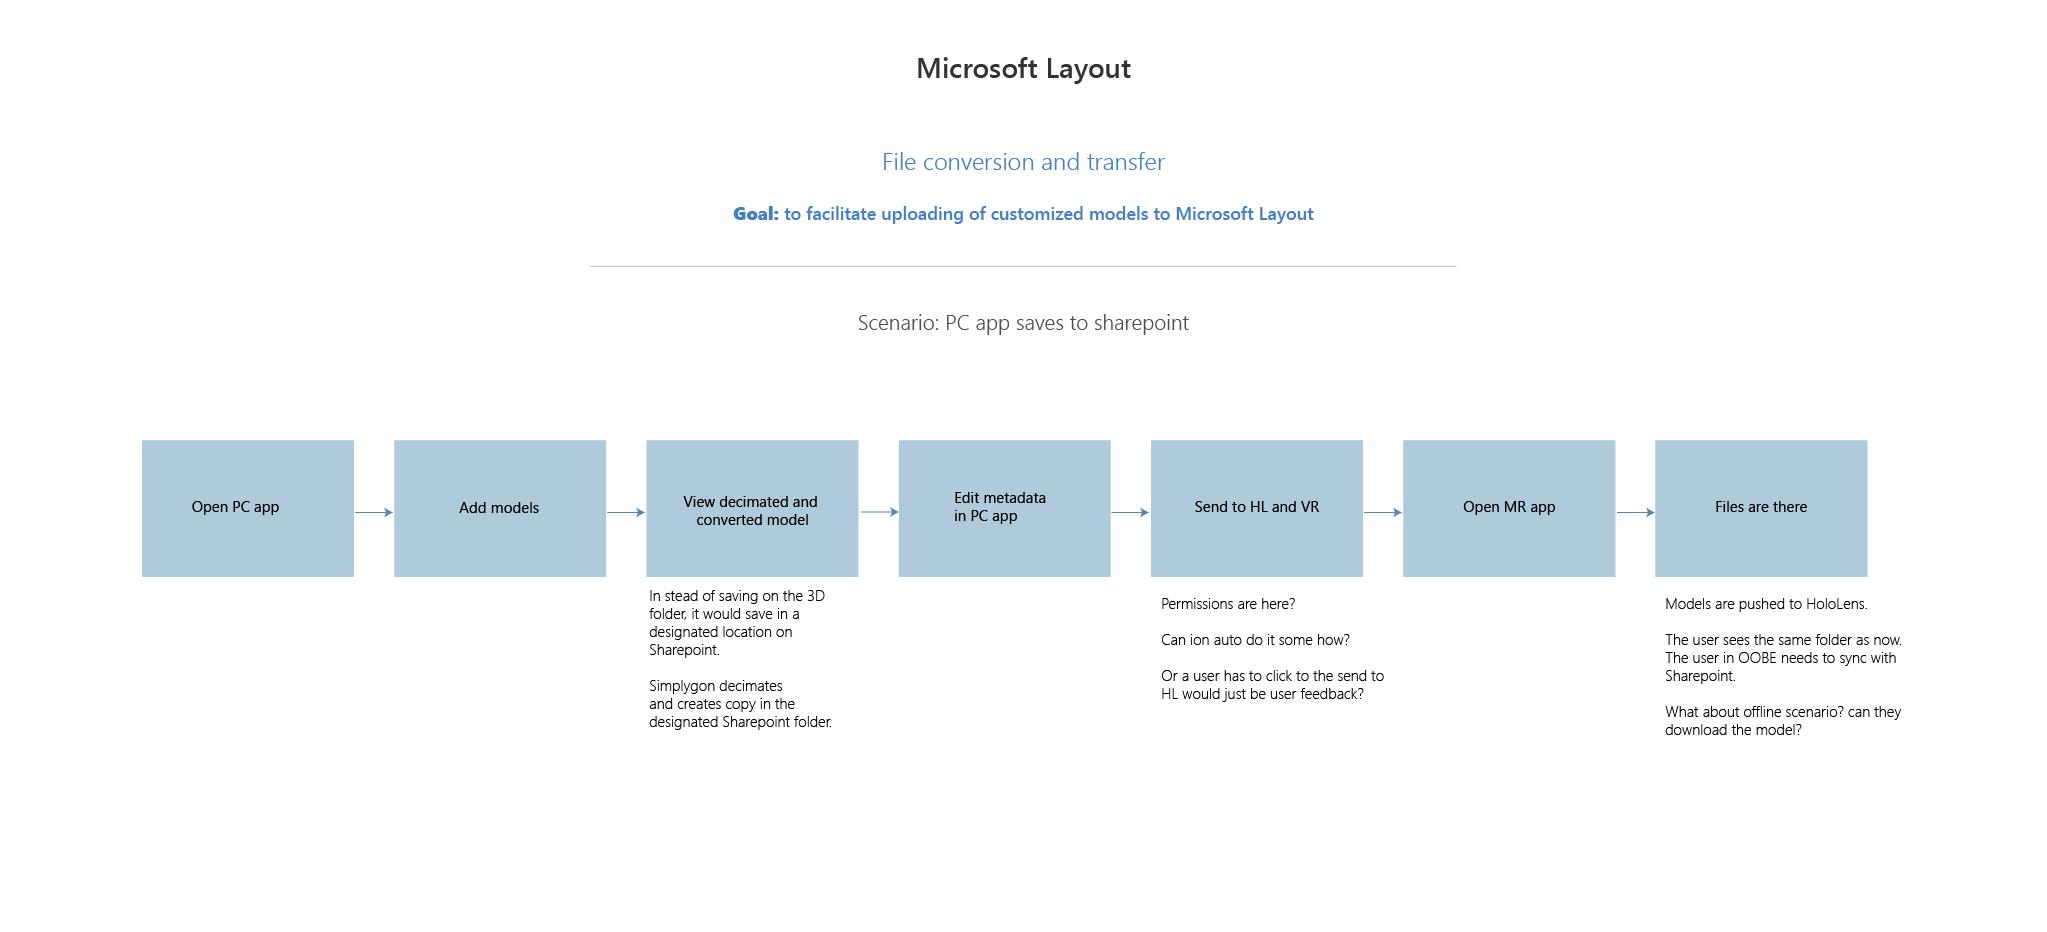 MSLayout_Cloud_scenario-03.png